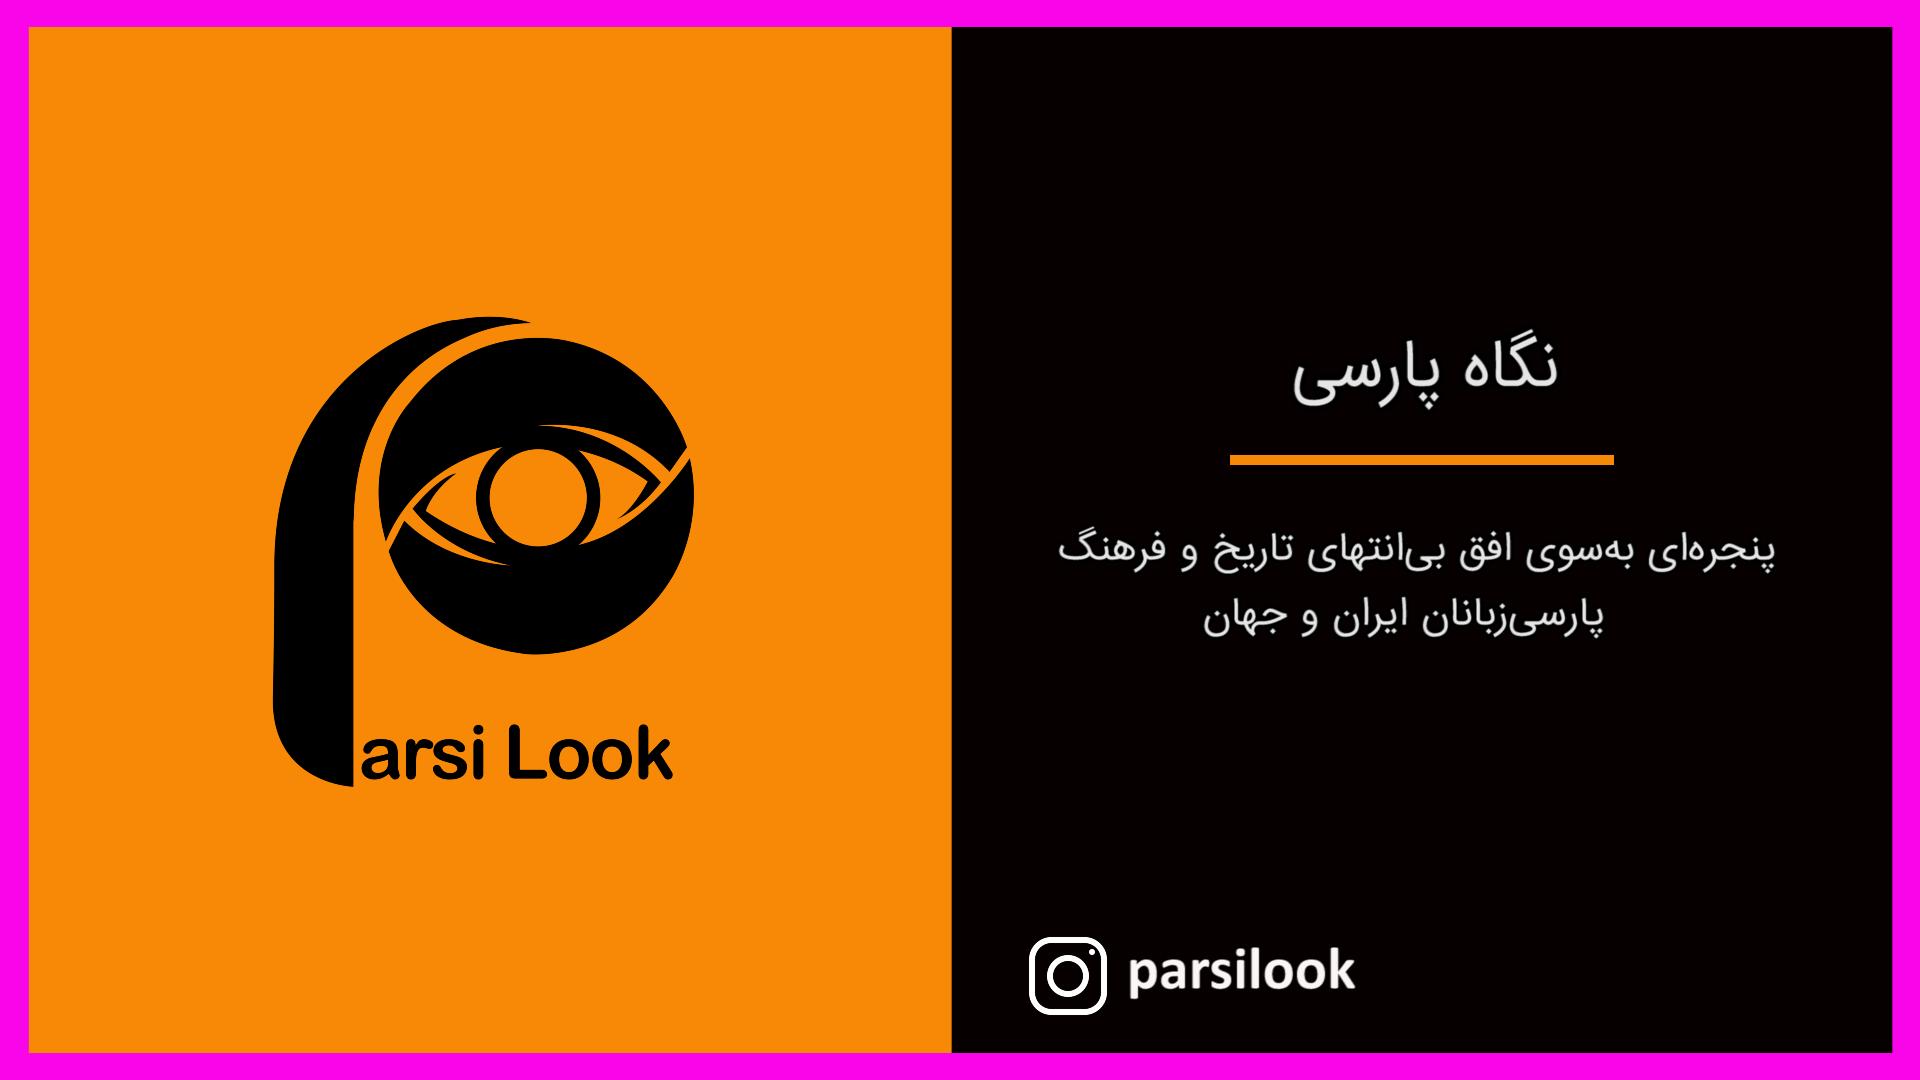 بنر رسانه اینترنتی «نگاه پارسی»